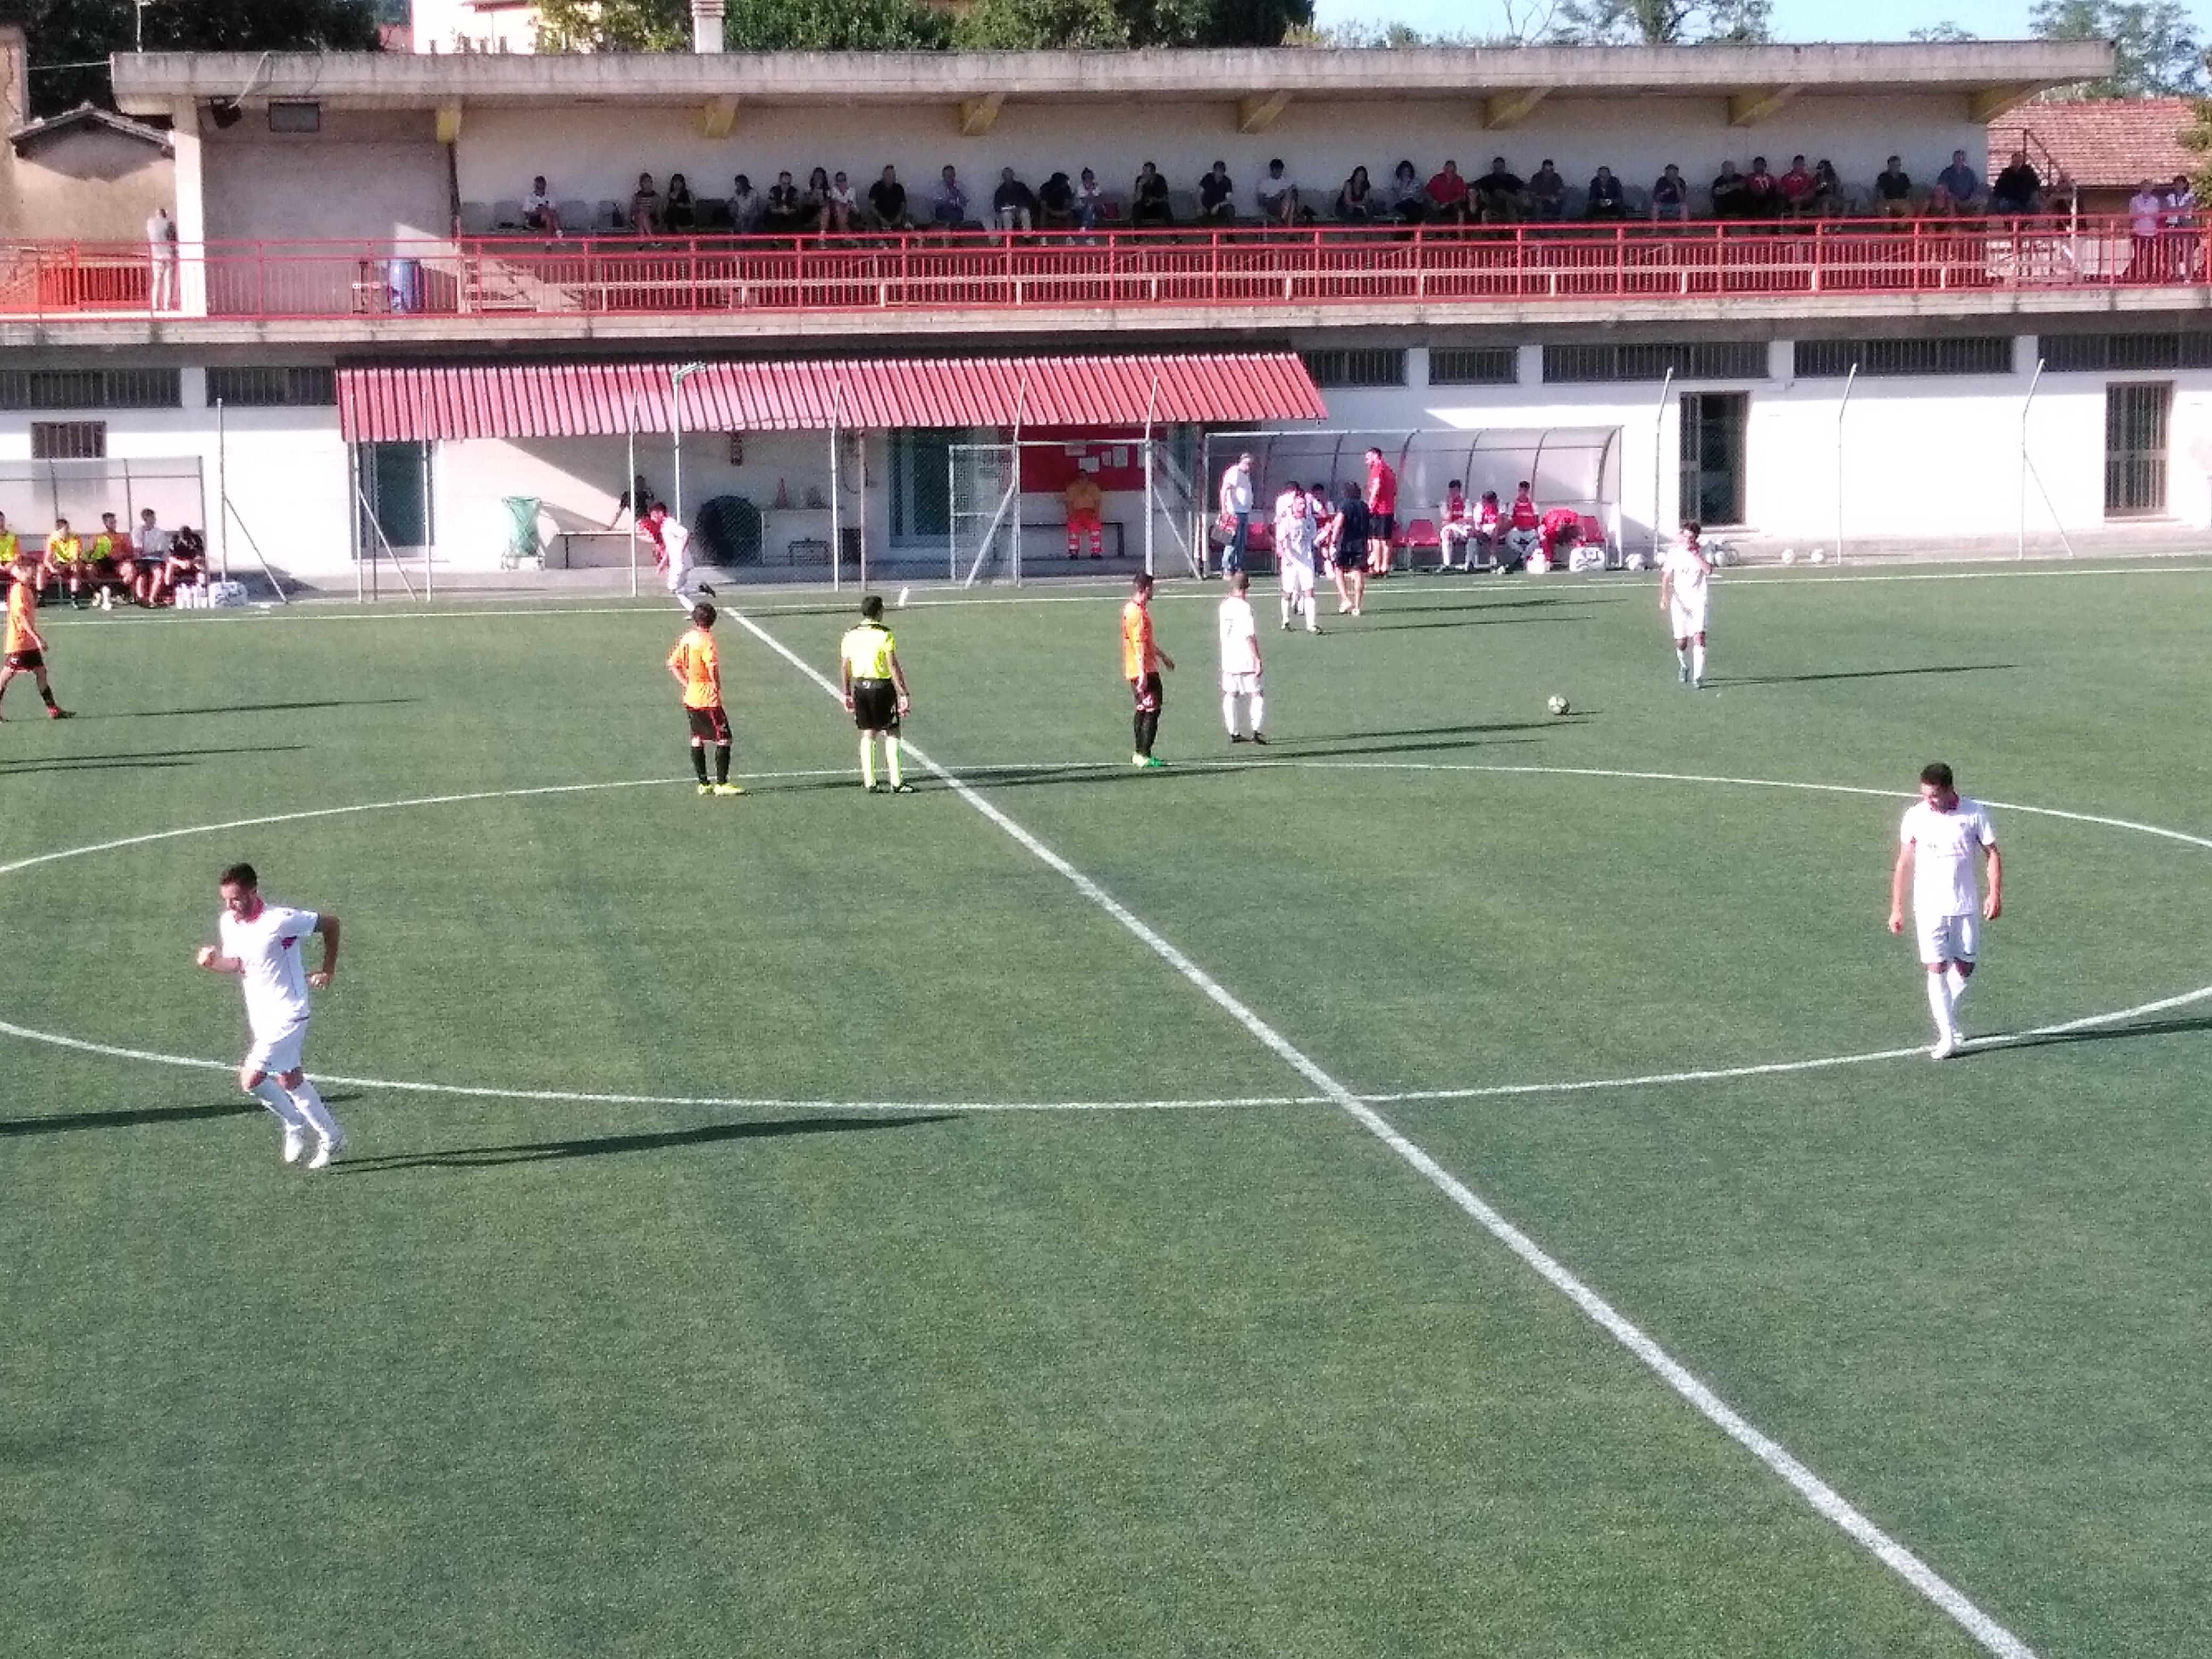 Arancioni sconfitti dal Chiusi di Testini, fuori dalla Coppa. Domenica via al Campionato